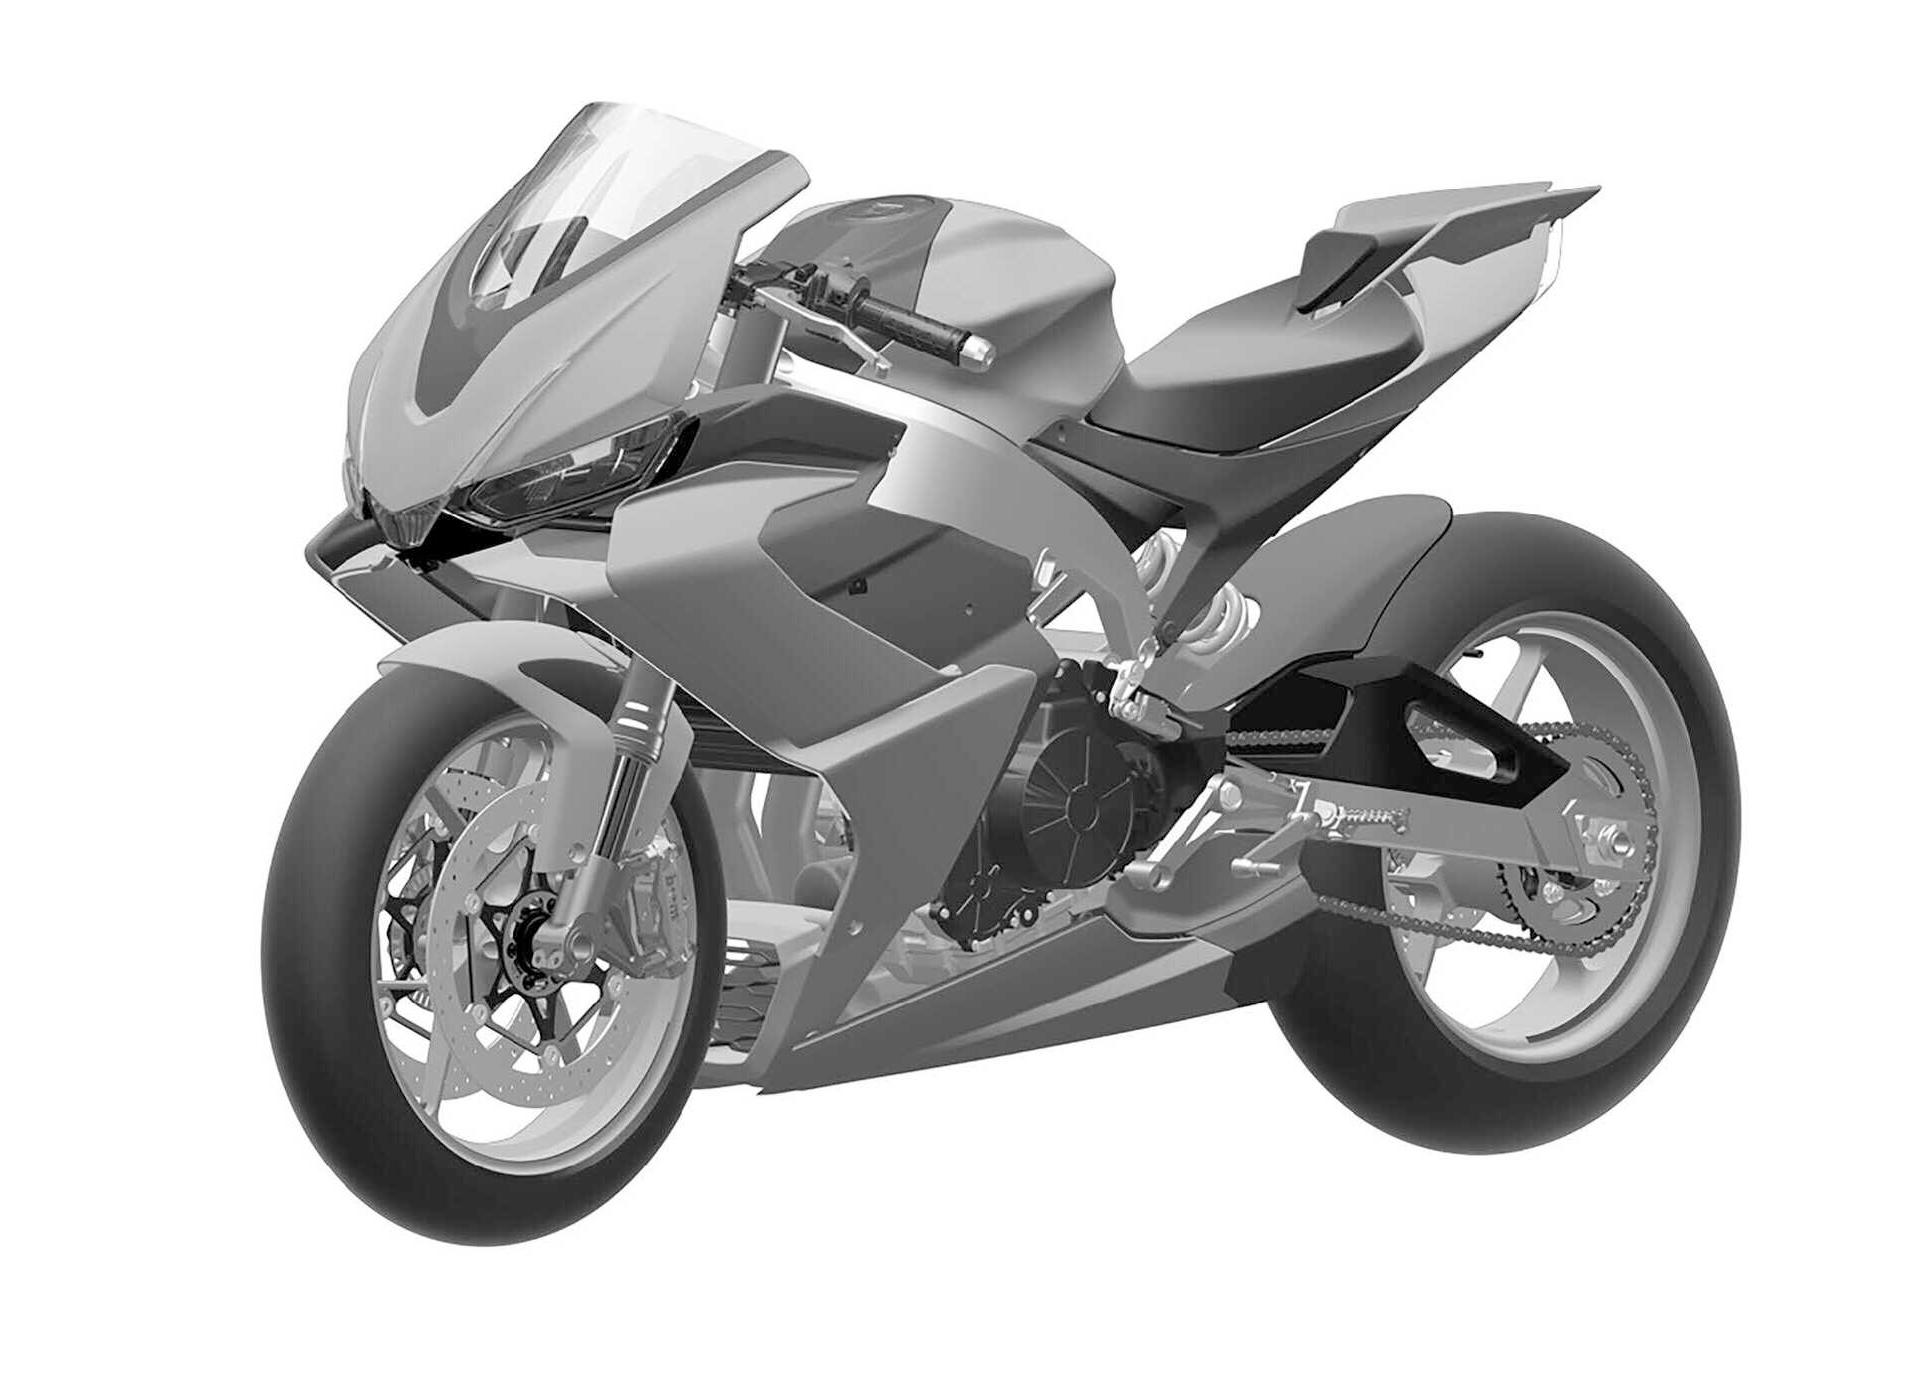 053019-2020-aprilia-rs660-concept-design-left-front